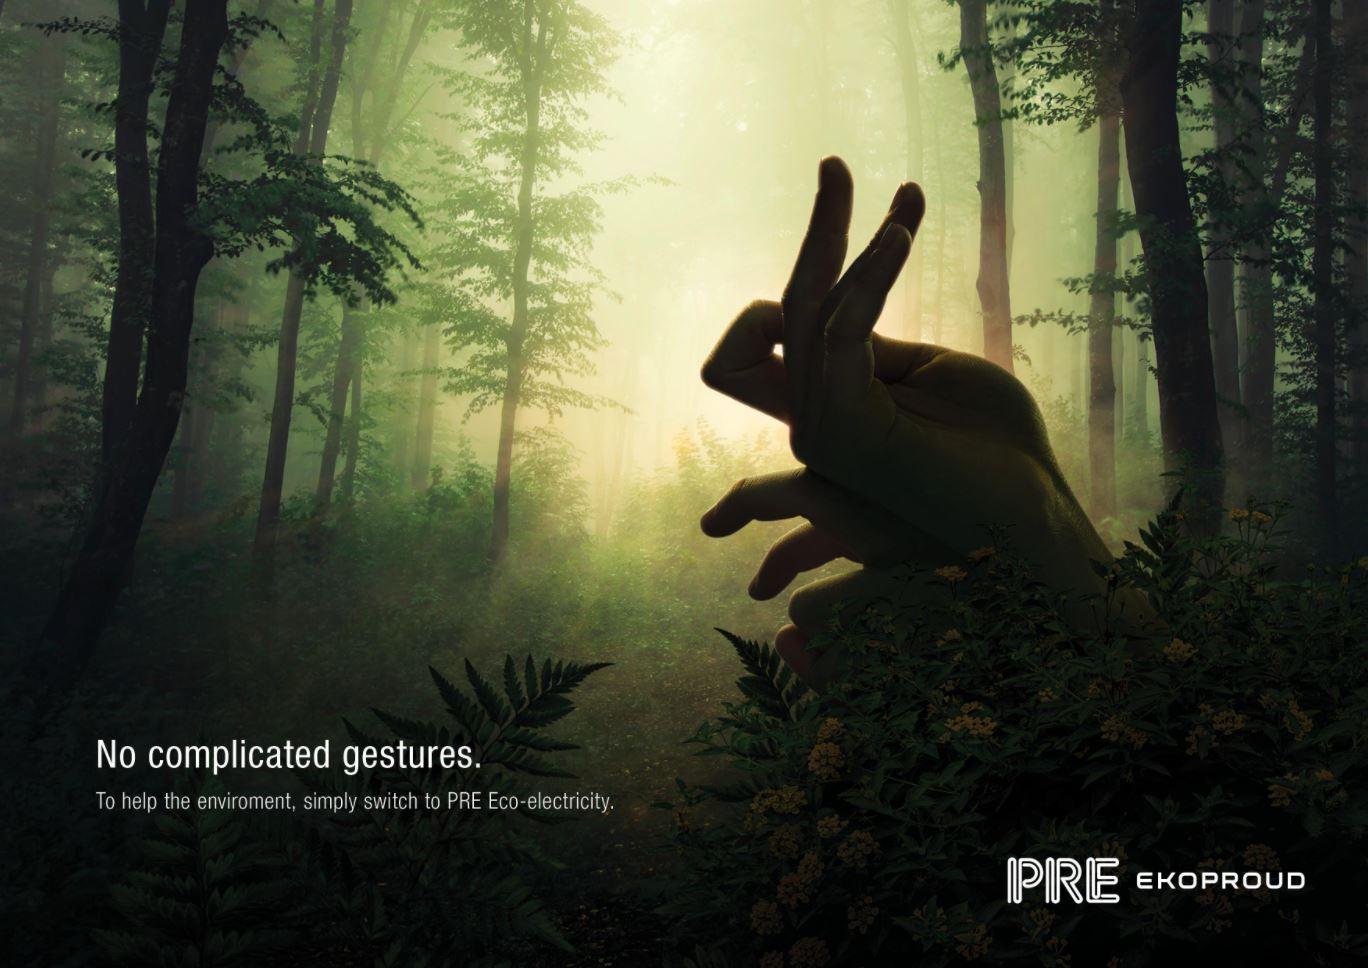 No complicated gestures 02